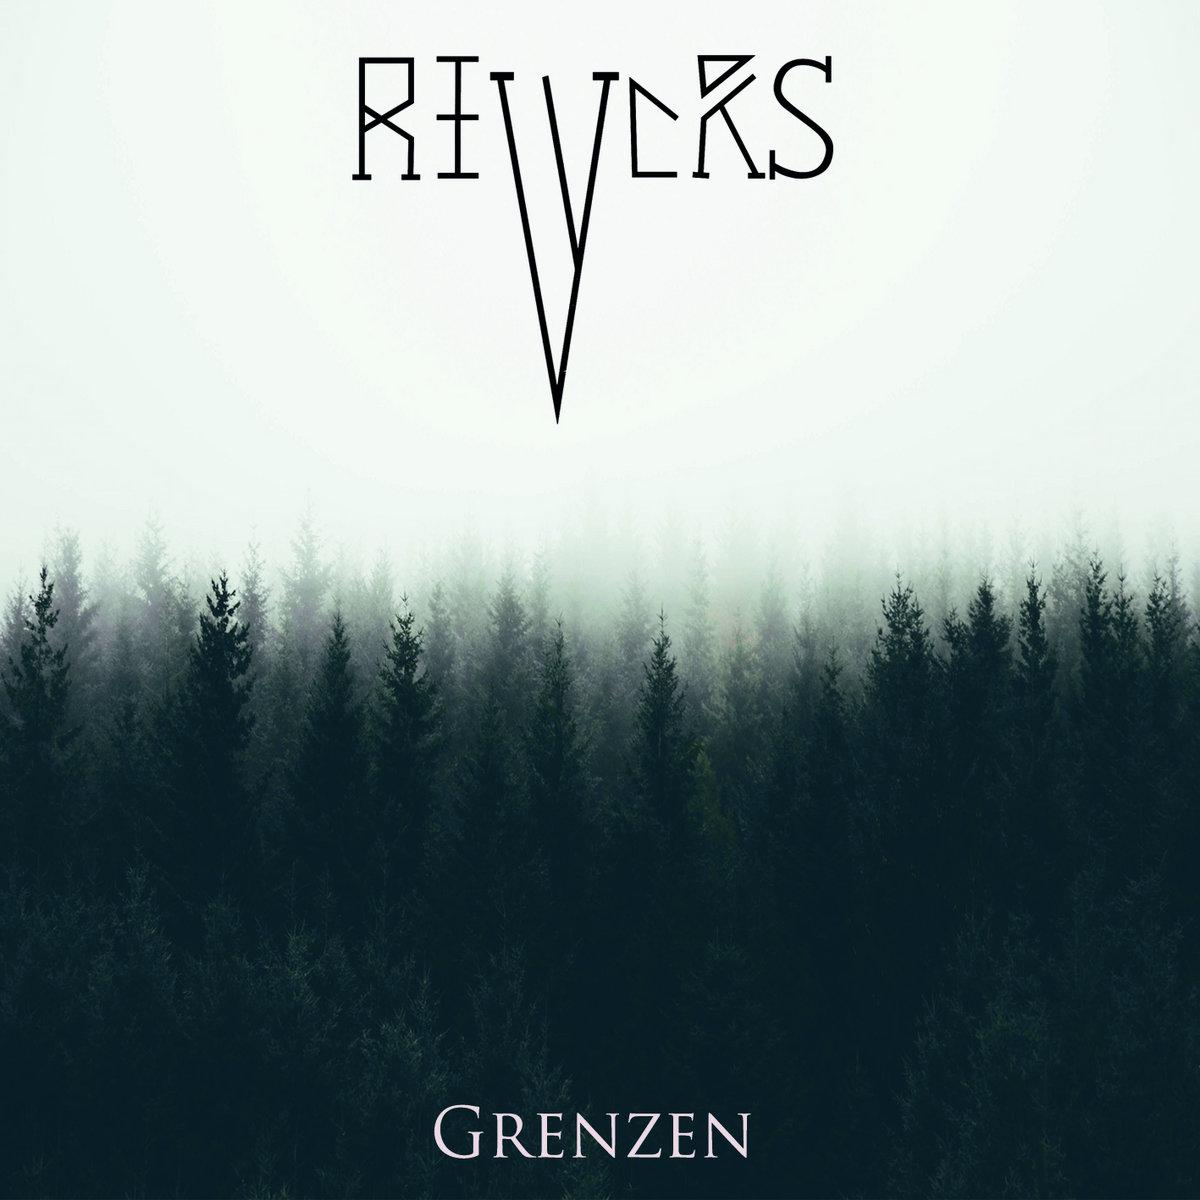 rivers. - Grenzen [EP] (2019)